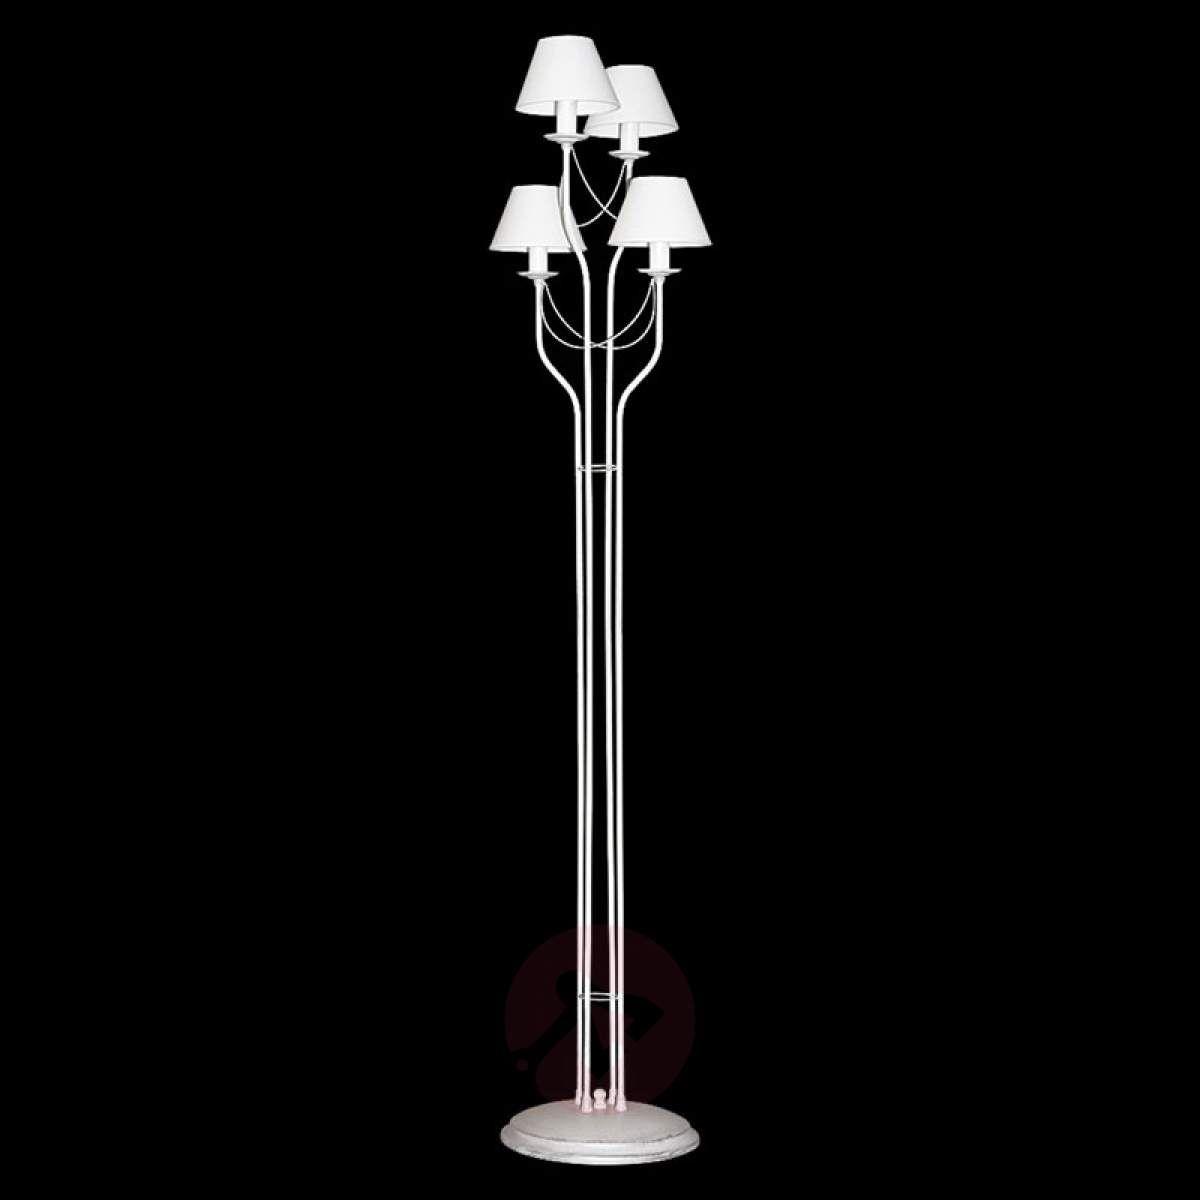 Lampa Stojąca Bona Z Tkaniny Biała W 2019 Lampy Stojące